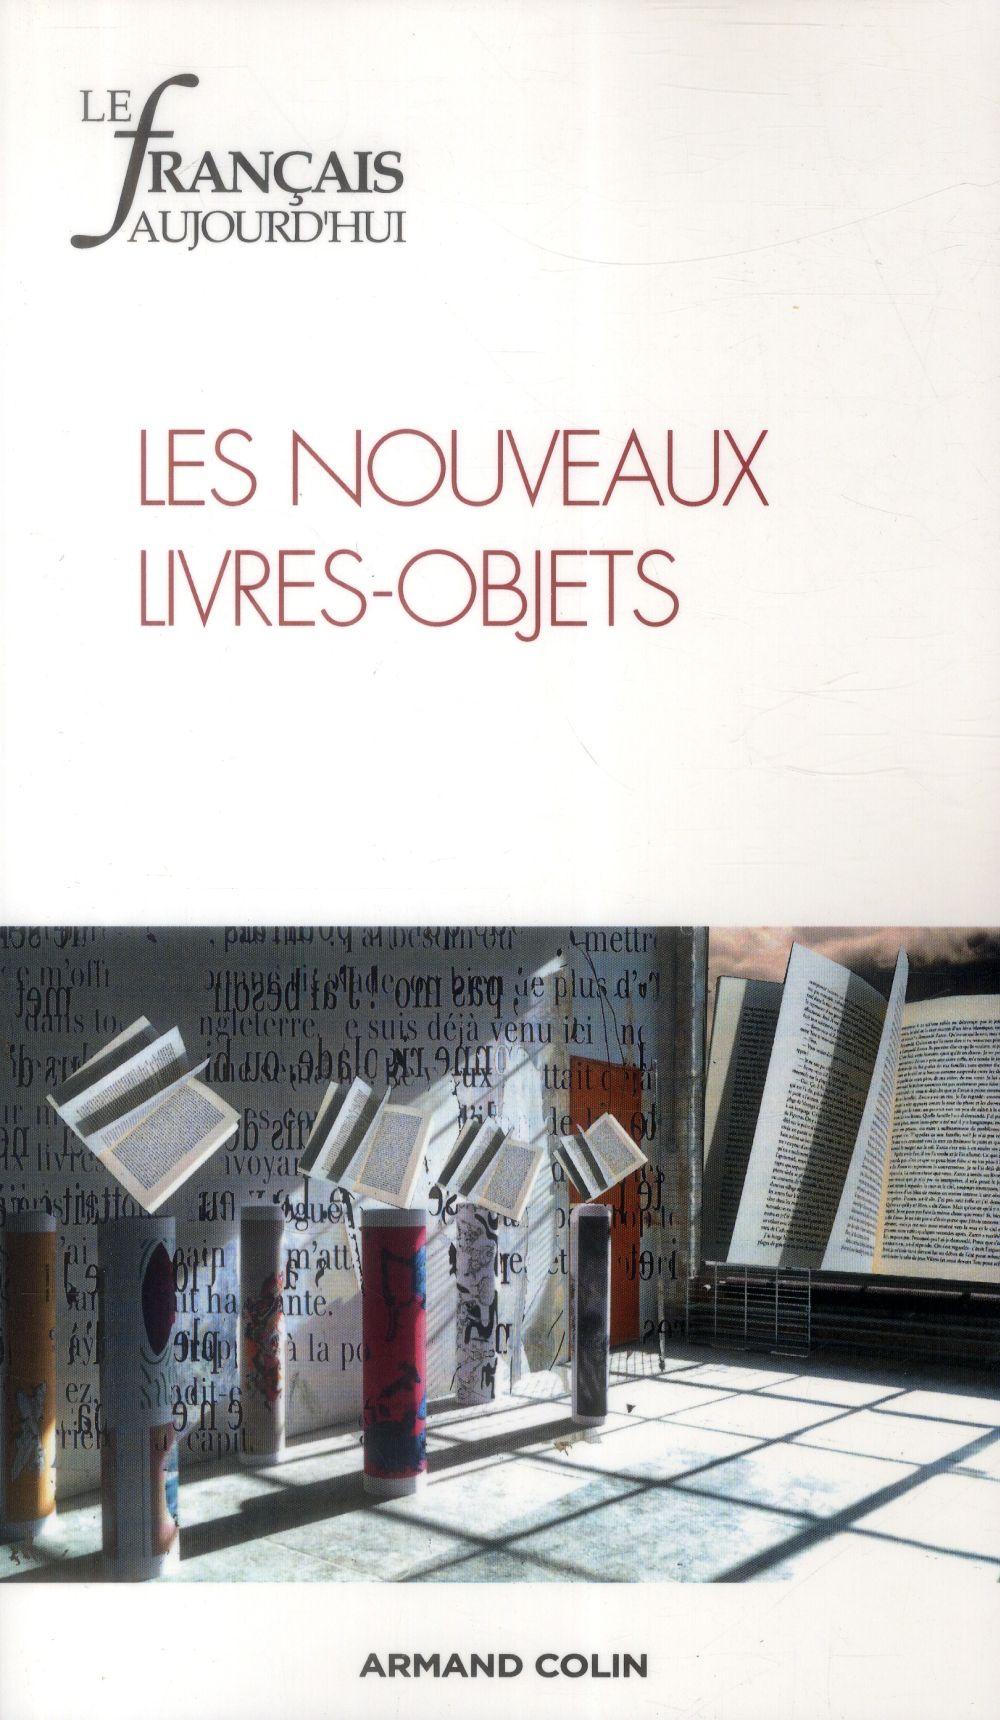 Revue le francais d'aujourd'hui t.186; les nouveaux livres-objets